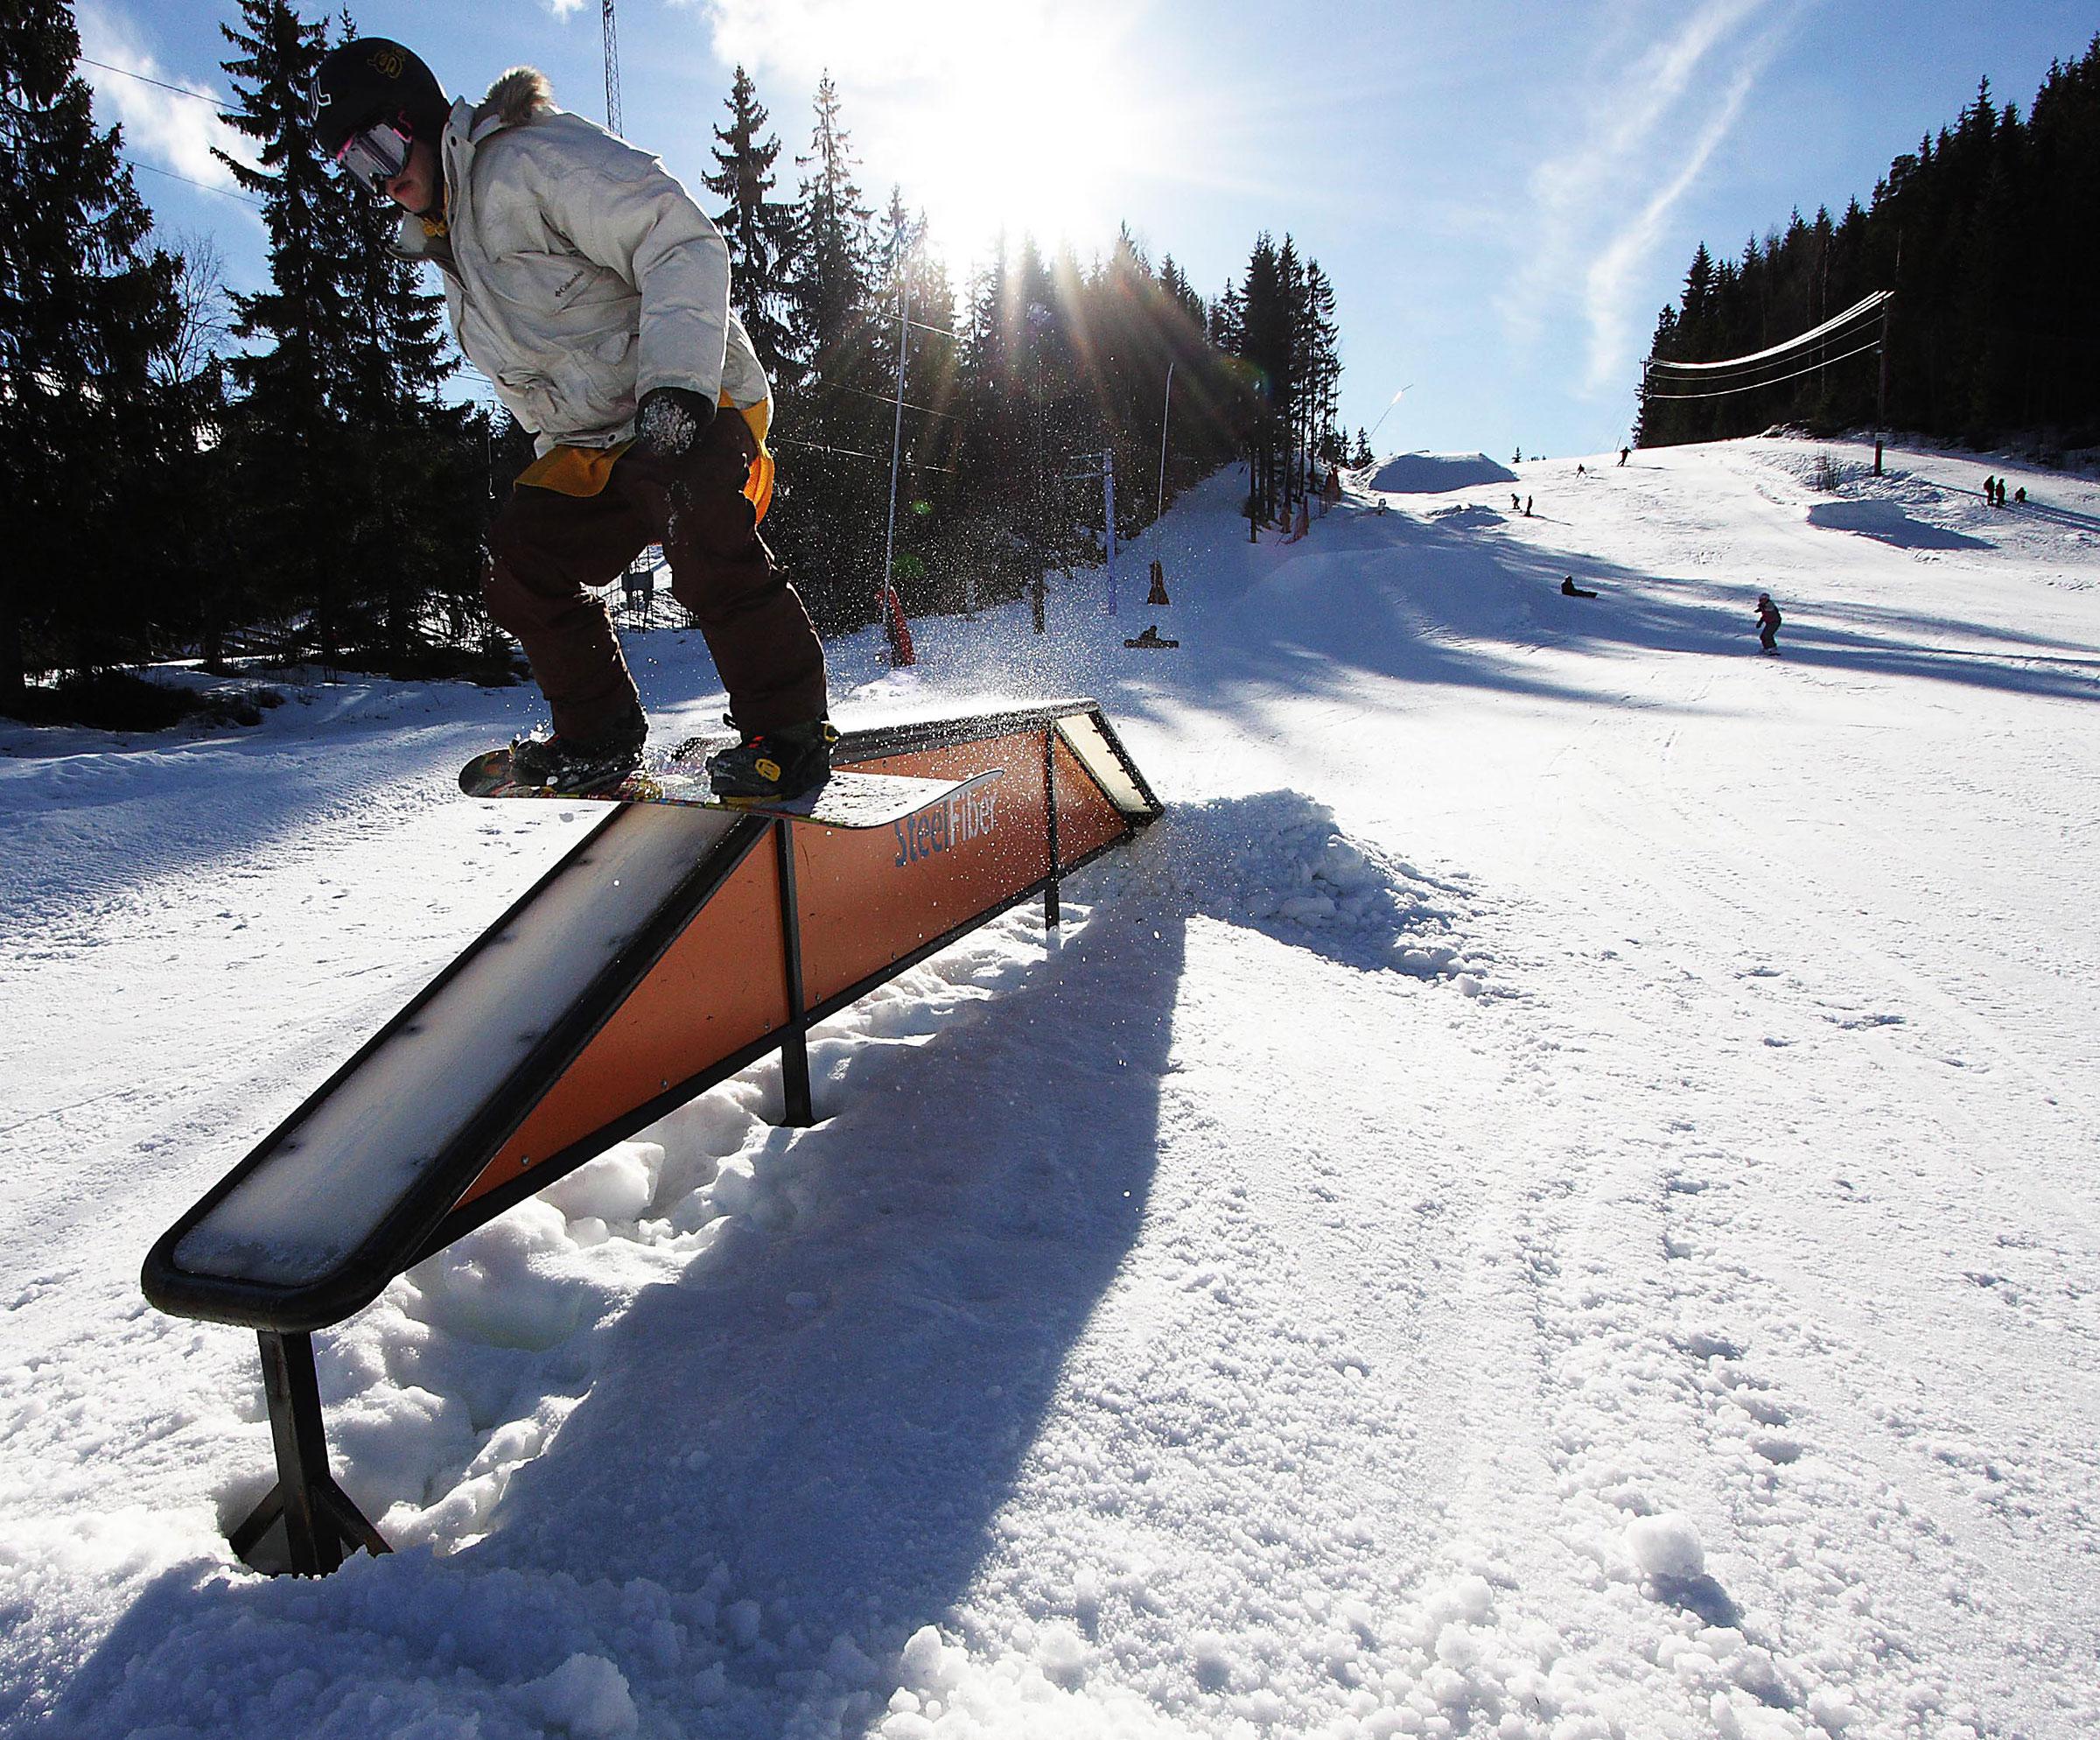 Oslo Ski Center